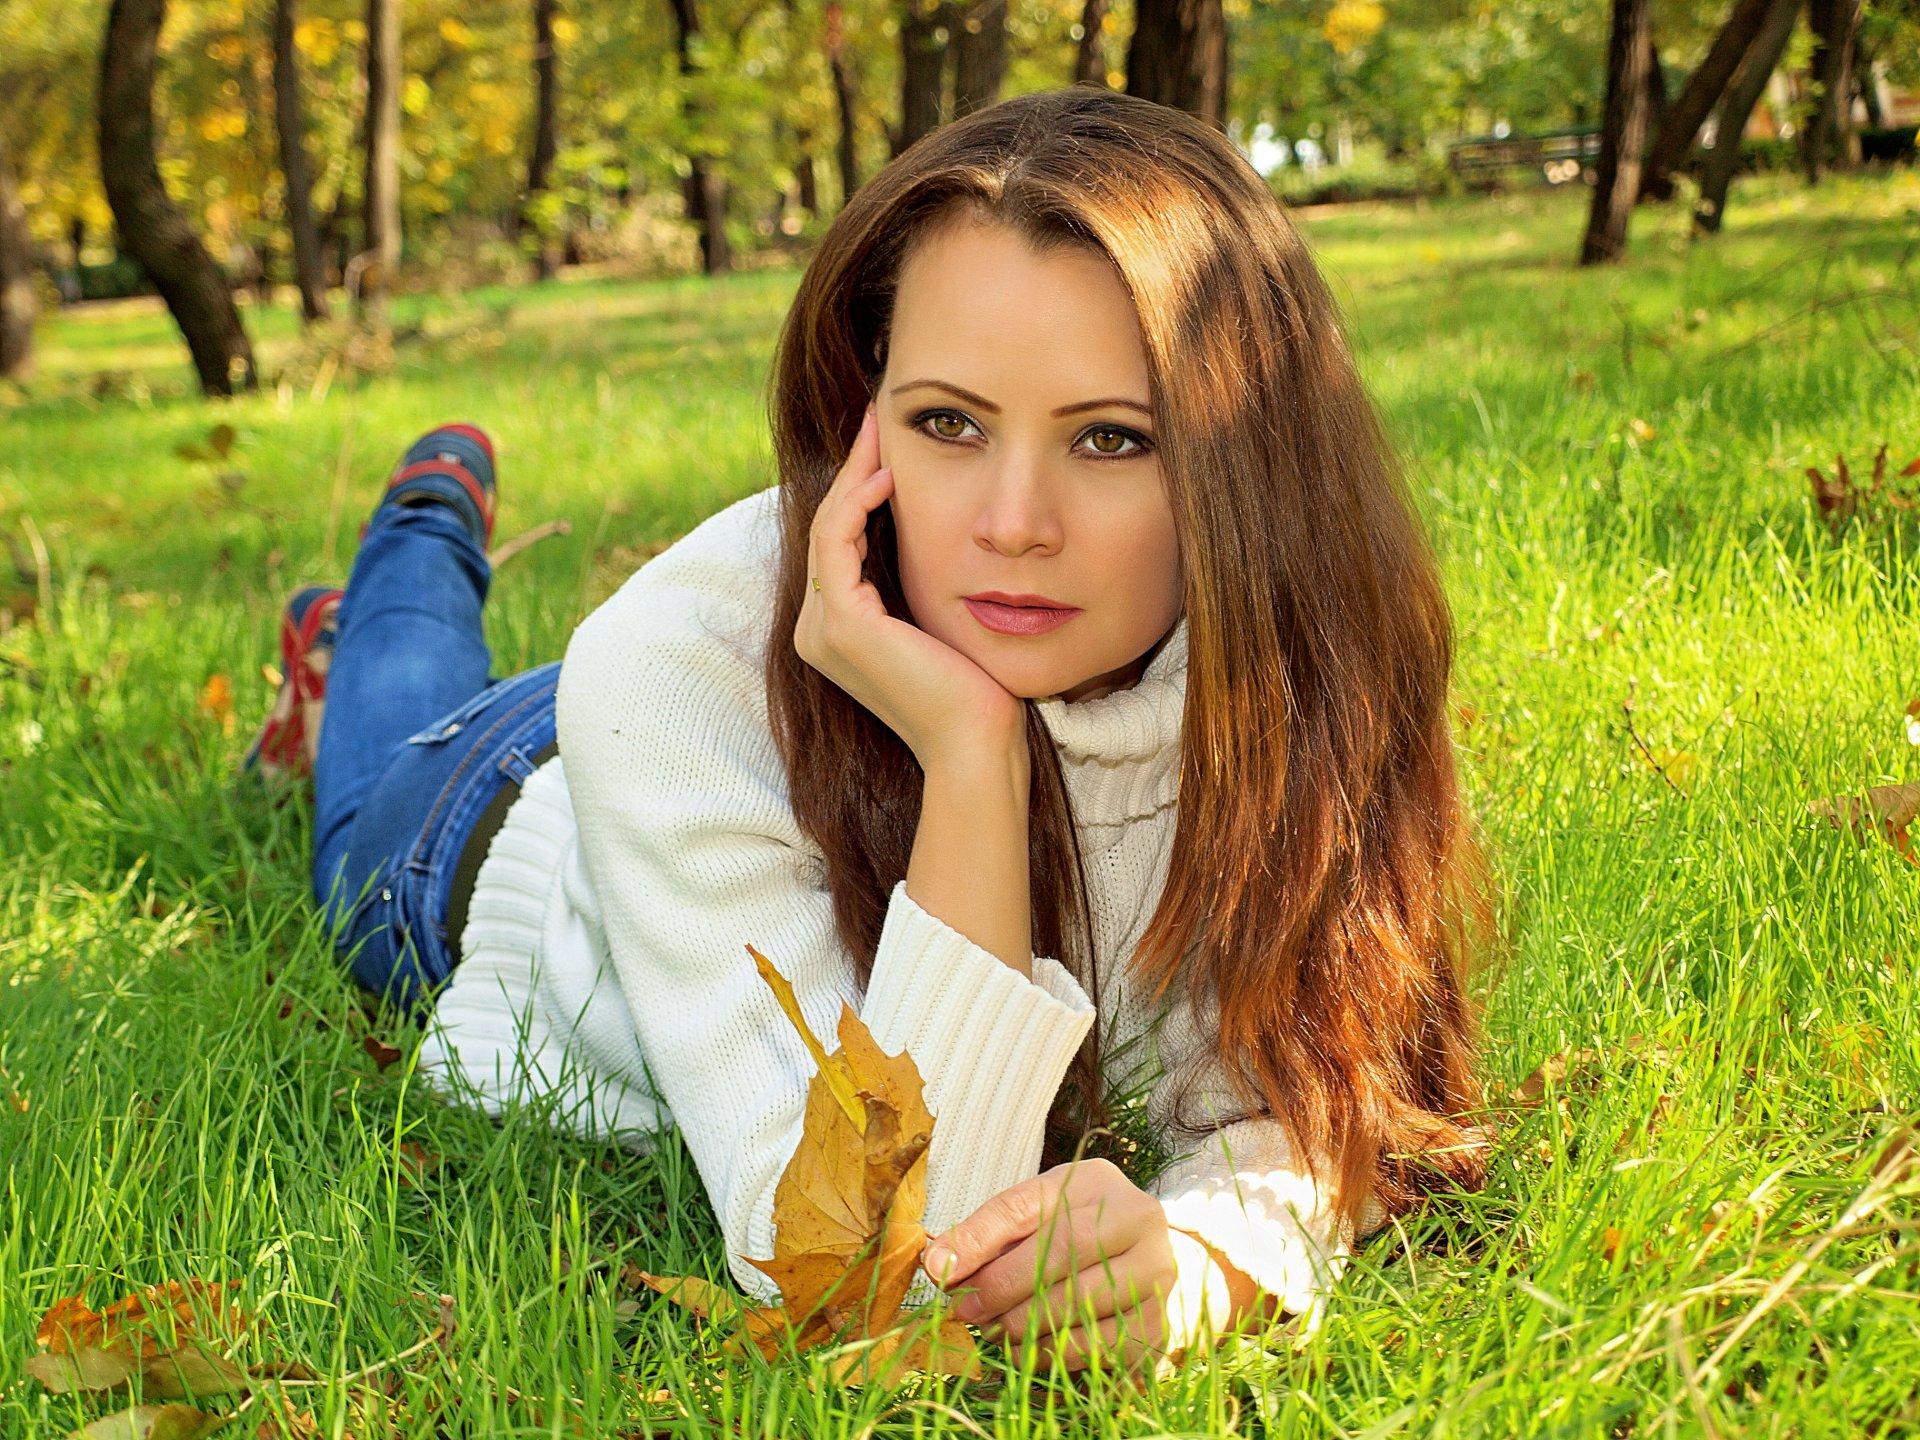 Русская девушка в парке — photo 5